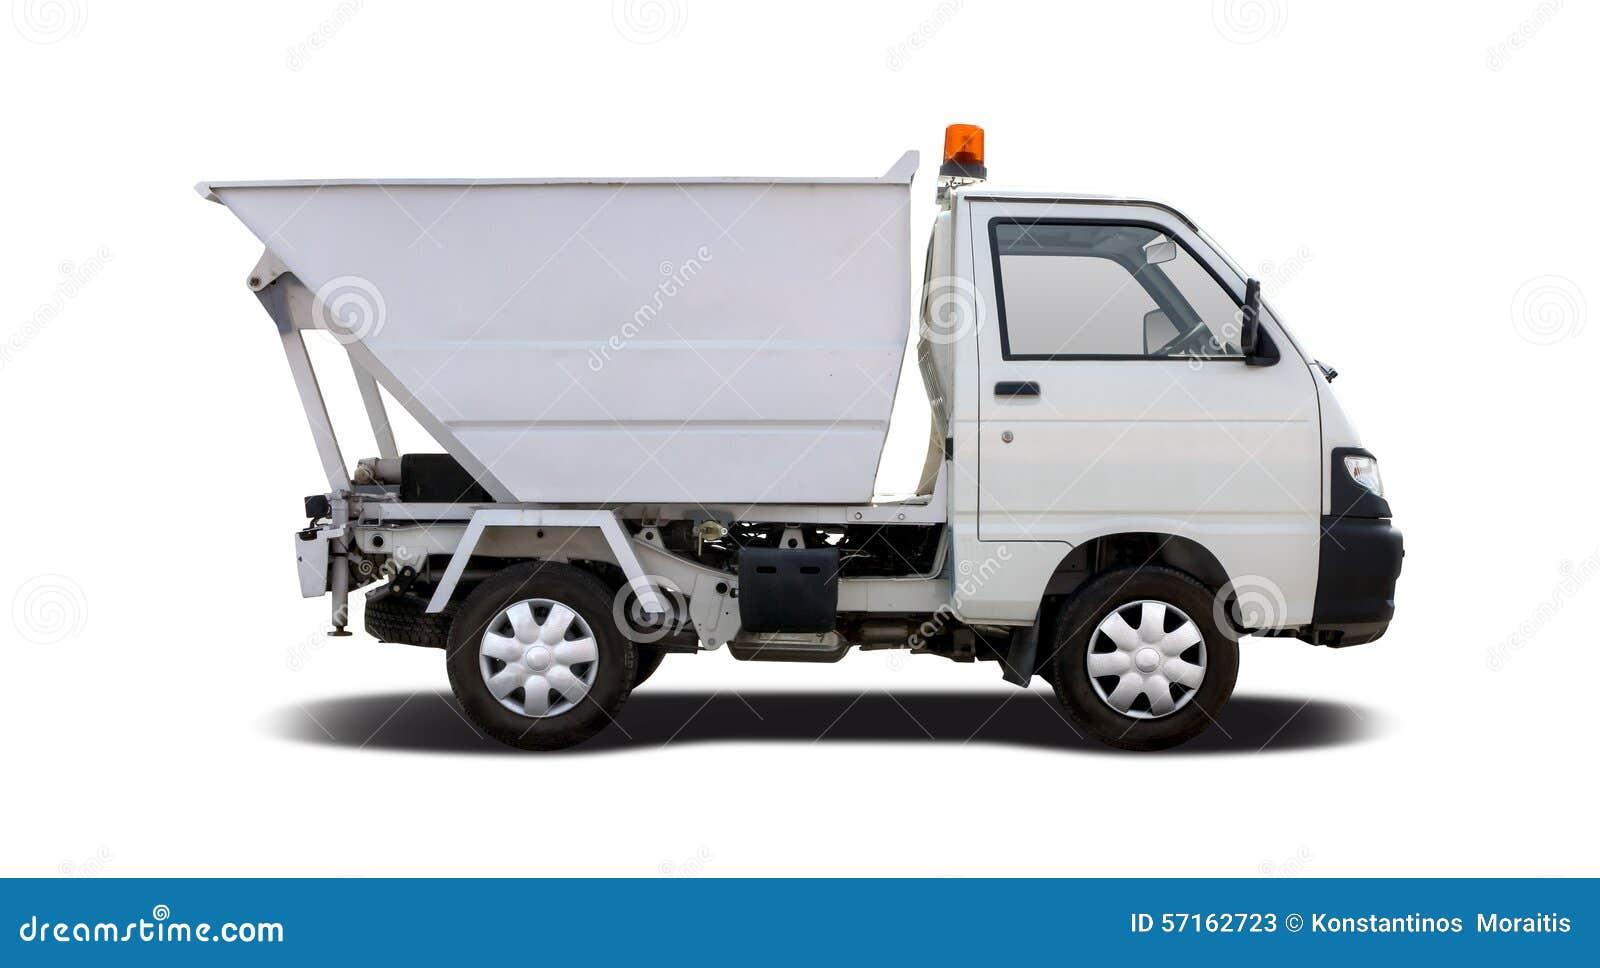 piaggio porter maxi semi truck stock photo image 57162723. Black Bedroom Furniture Sets. Home Design Ideas